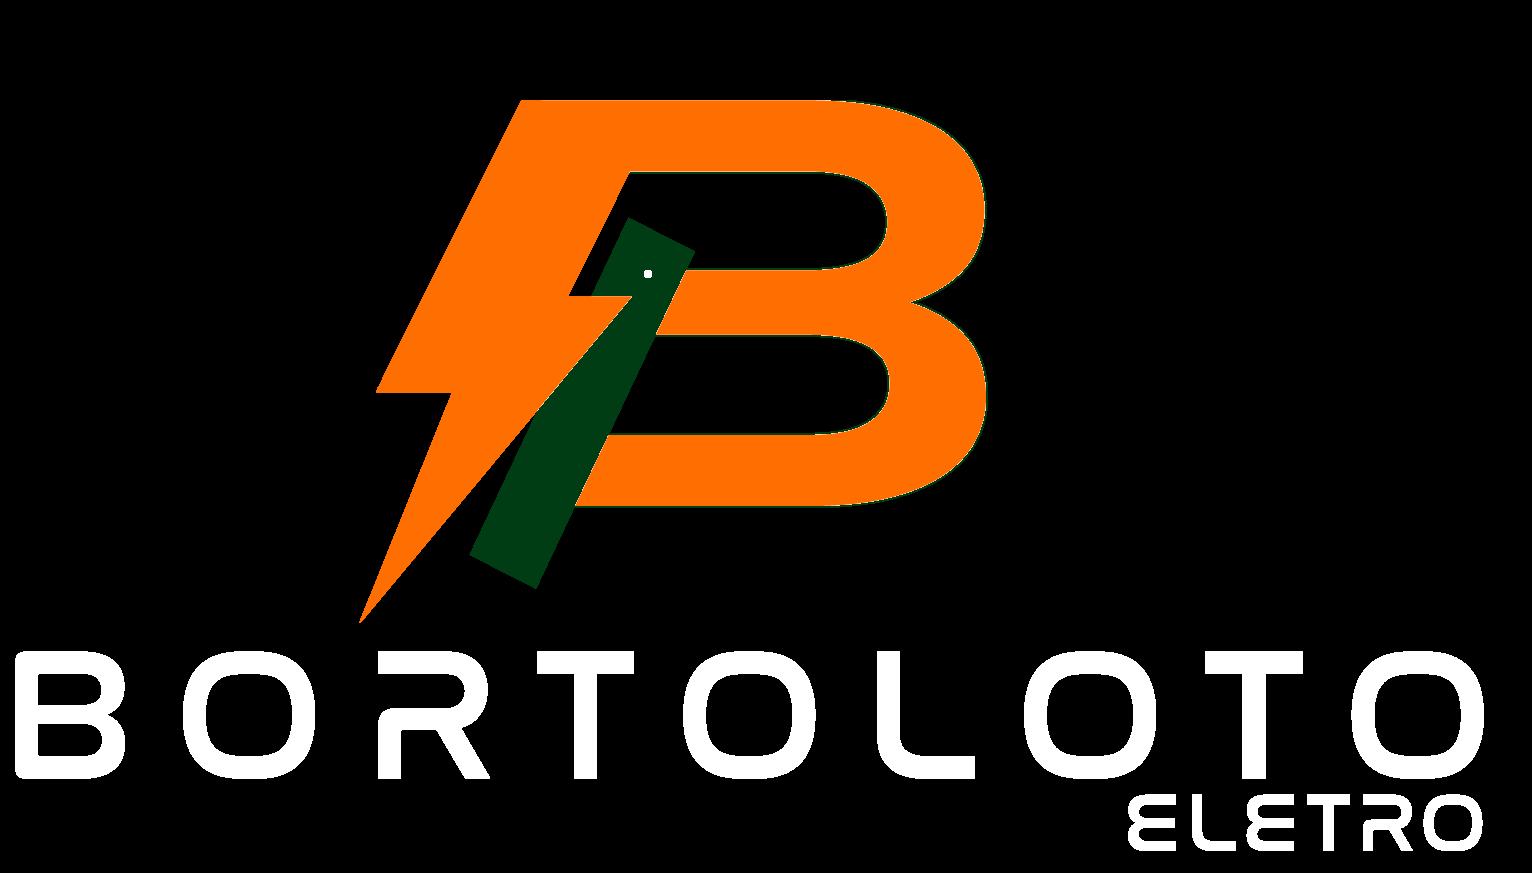 BORTOLOTO ELETRO